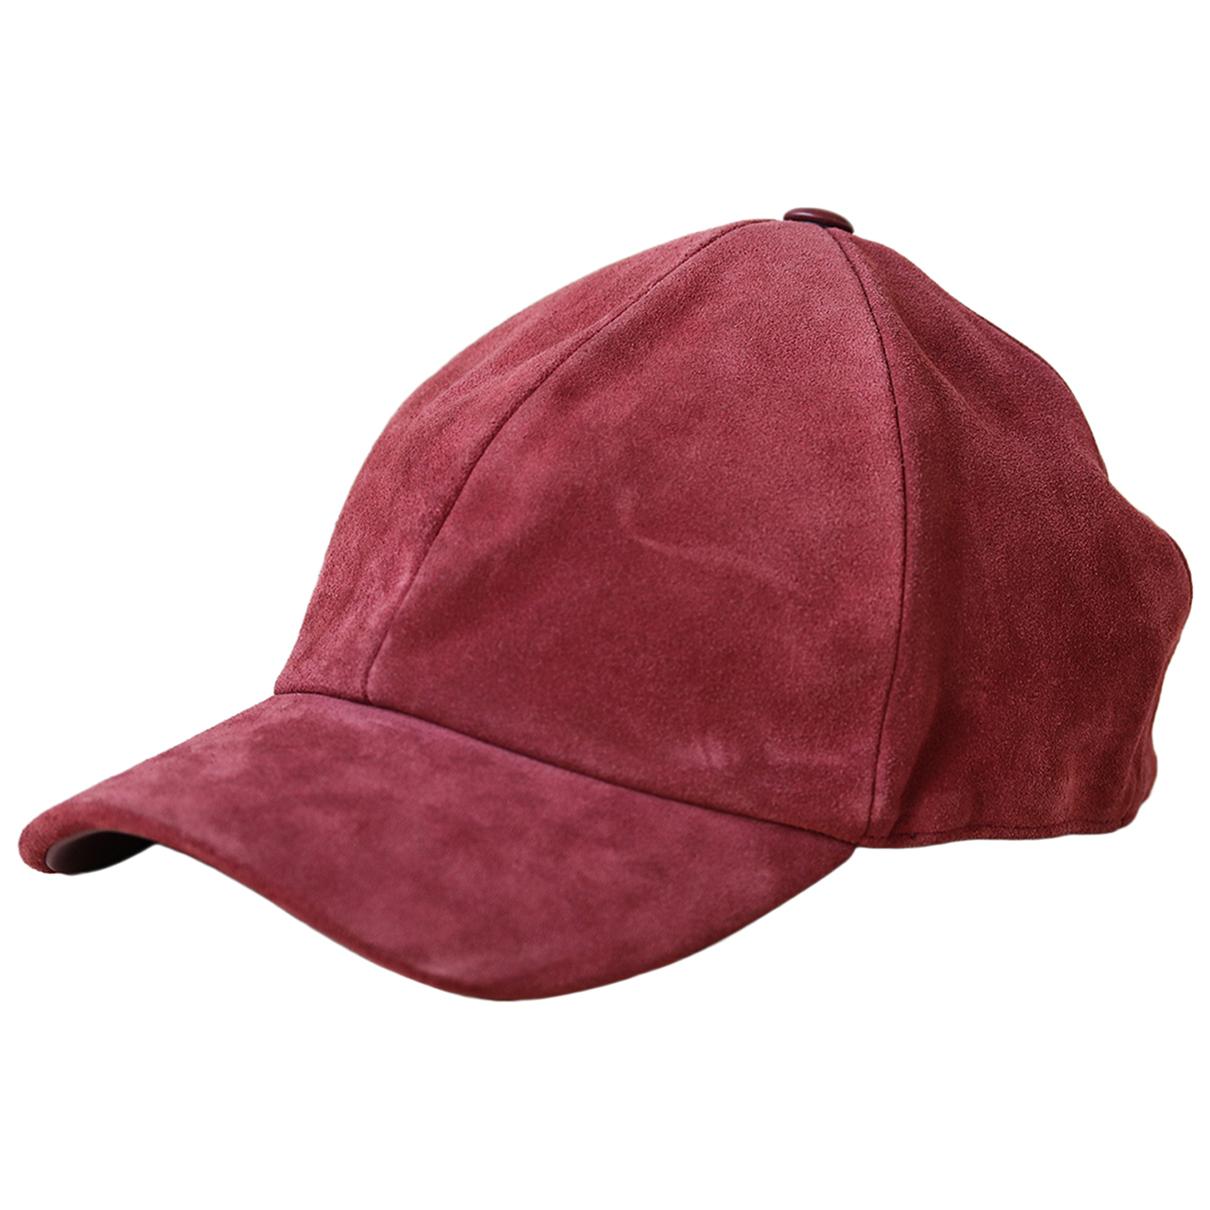 Autre Marque \N Red Suede hat for Women XXL International